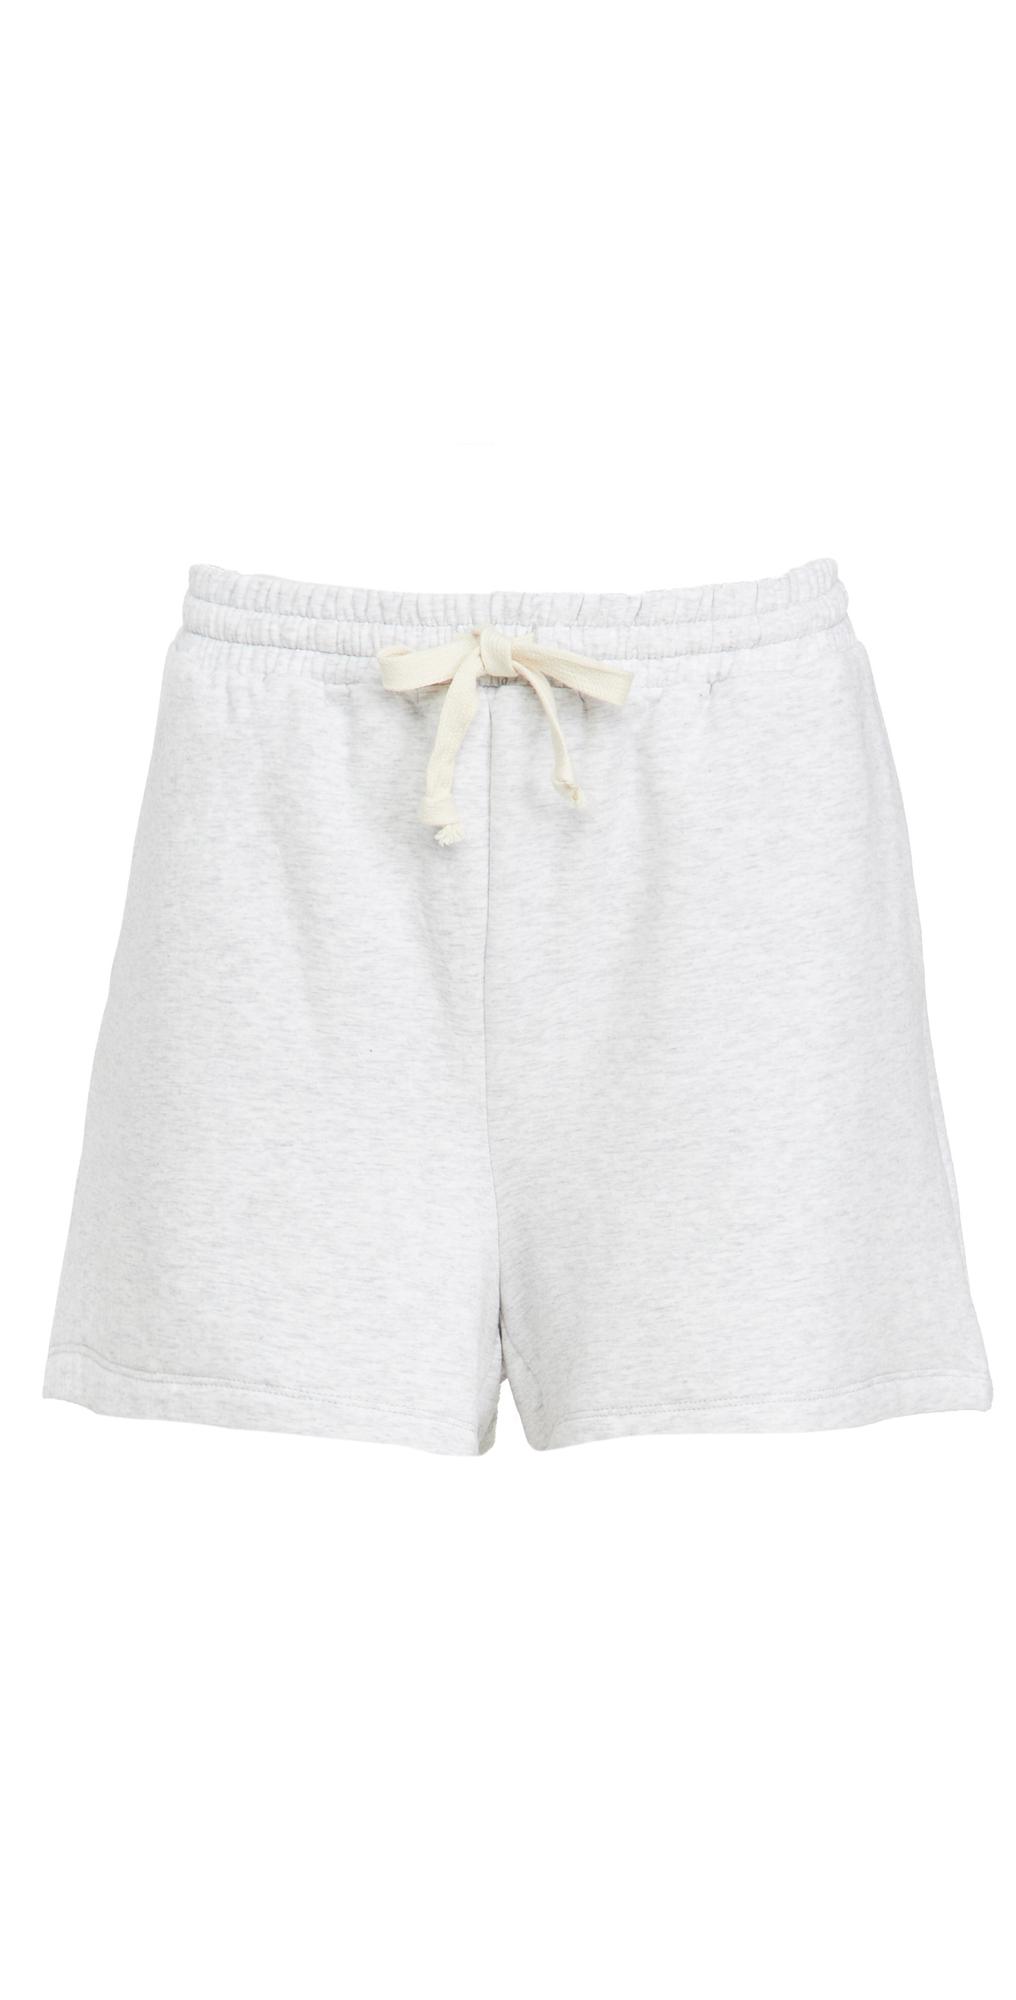 Heathered Shorts